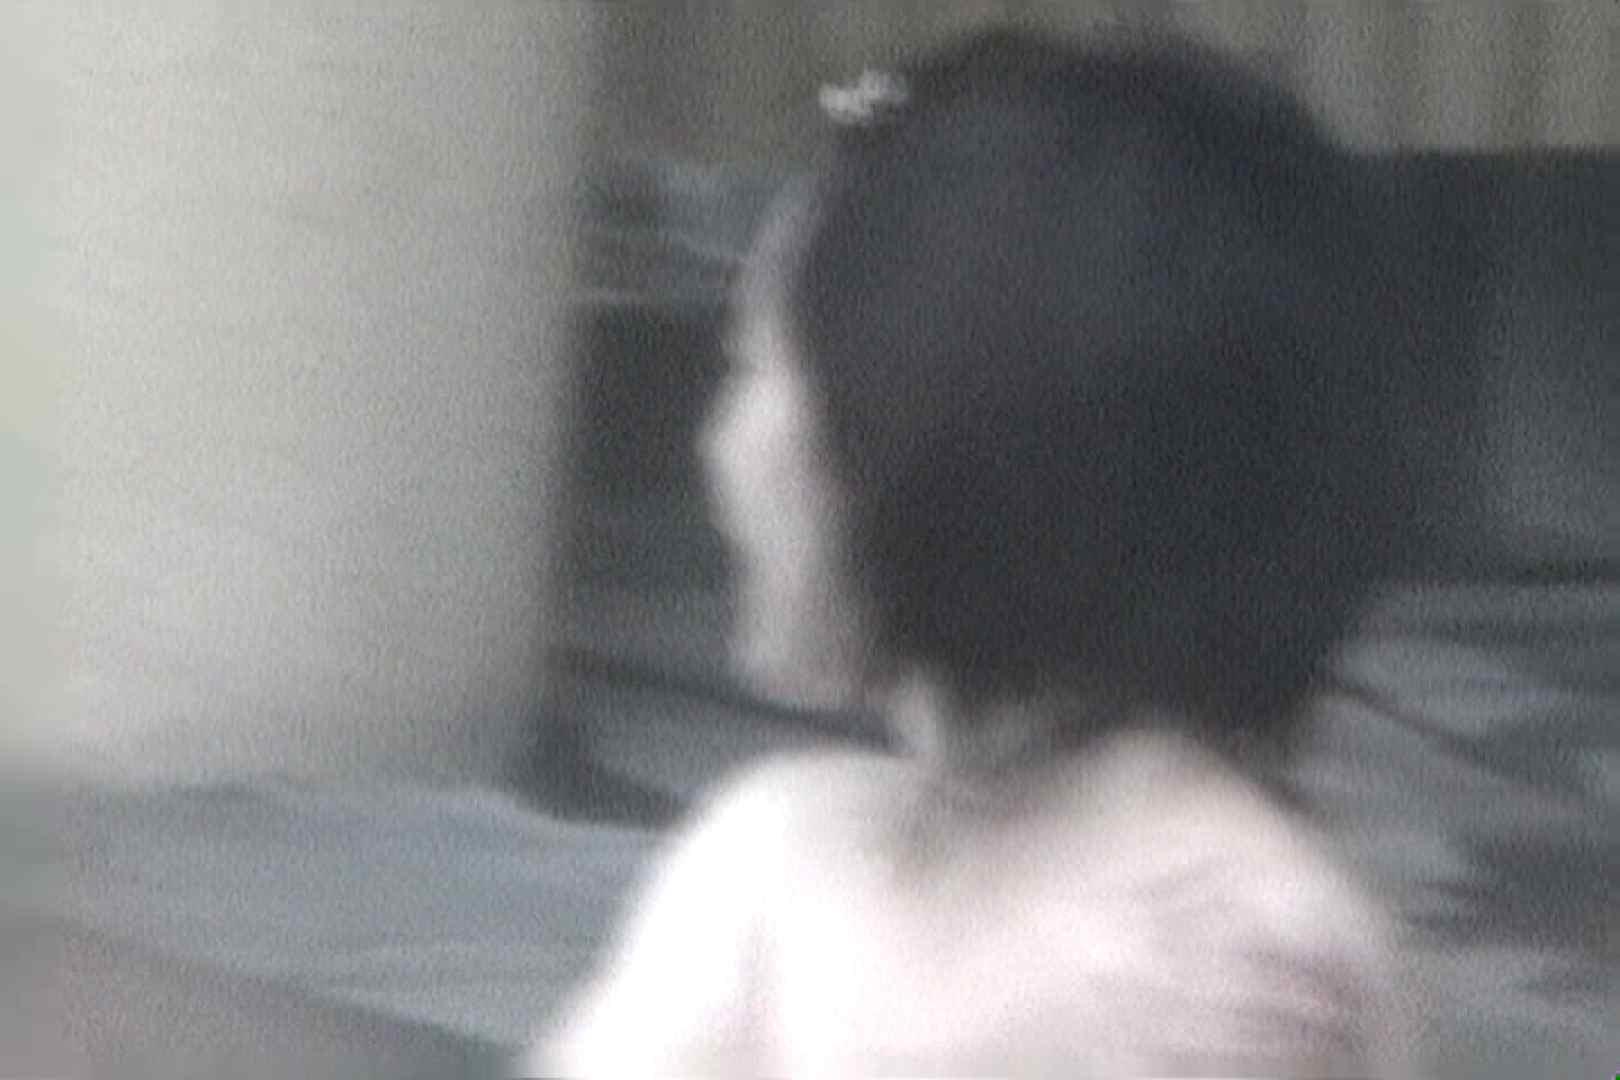 女露天風呂劇場 Vol.38 女湯 | 丸見えマンコ  15画像 15